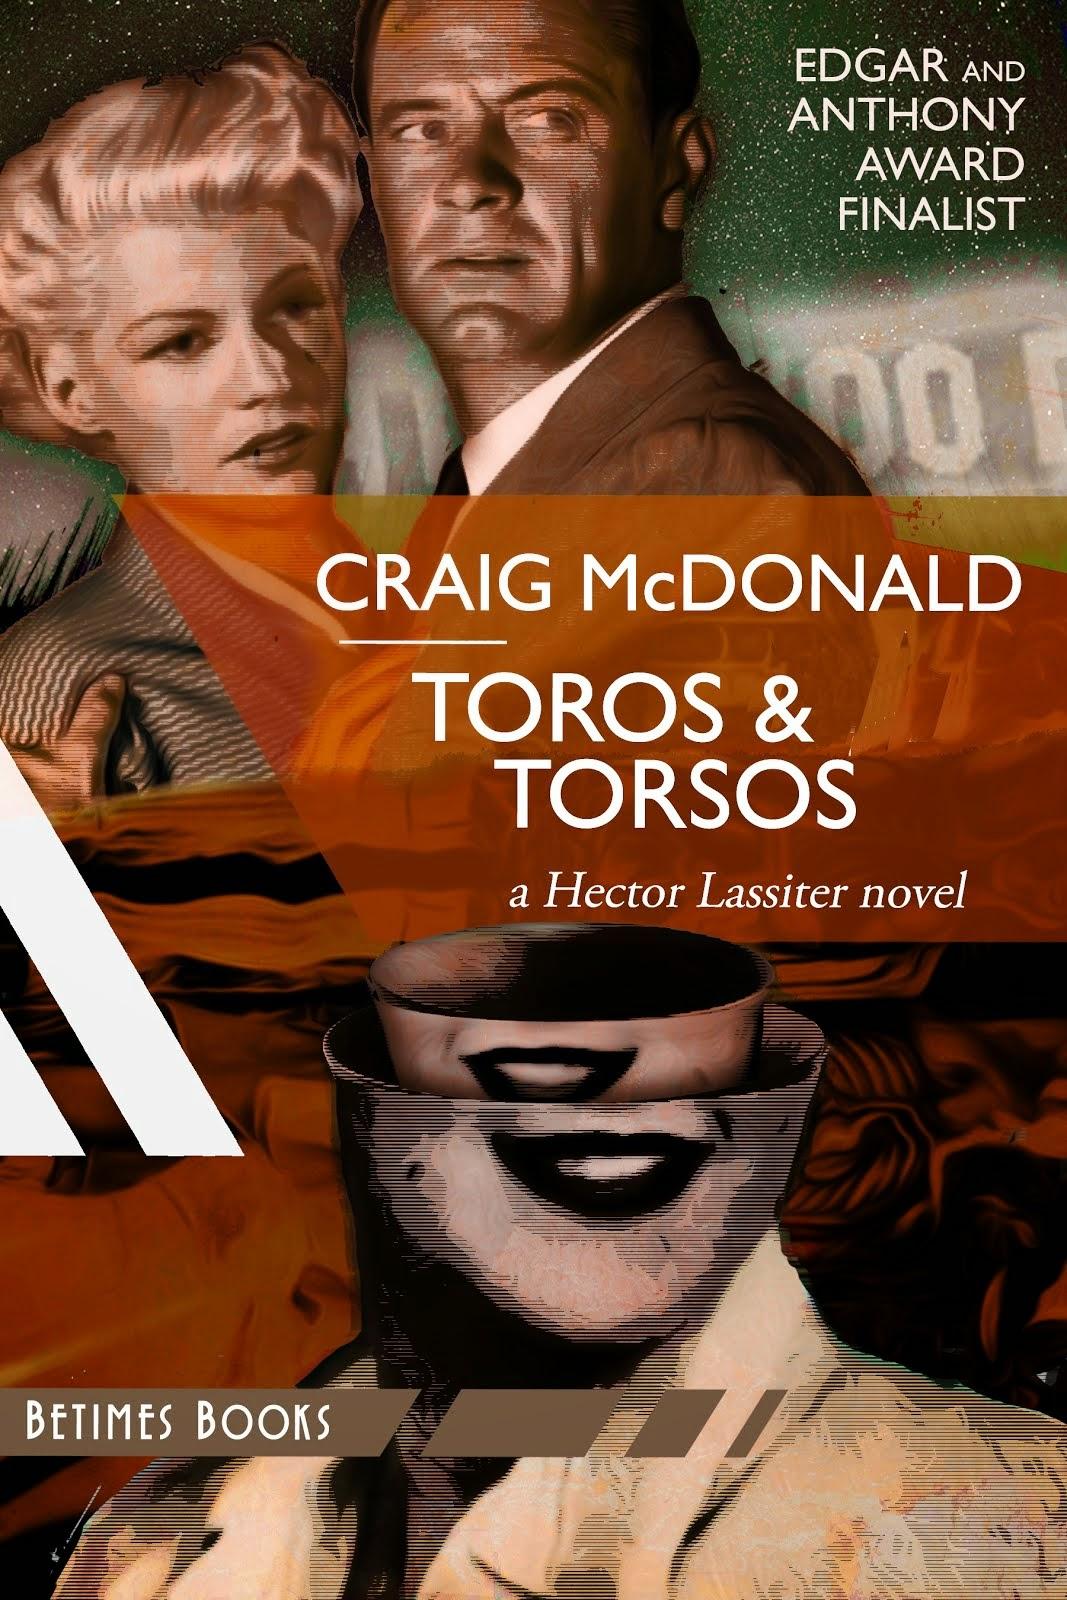 TOROS & TORSOS (HECTOR LASSITER SERIES #3)